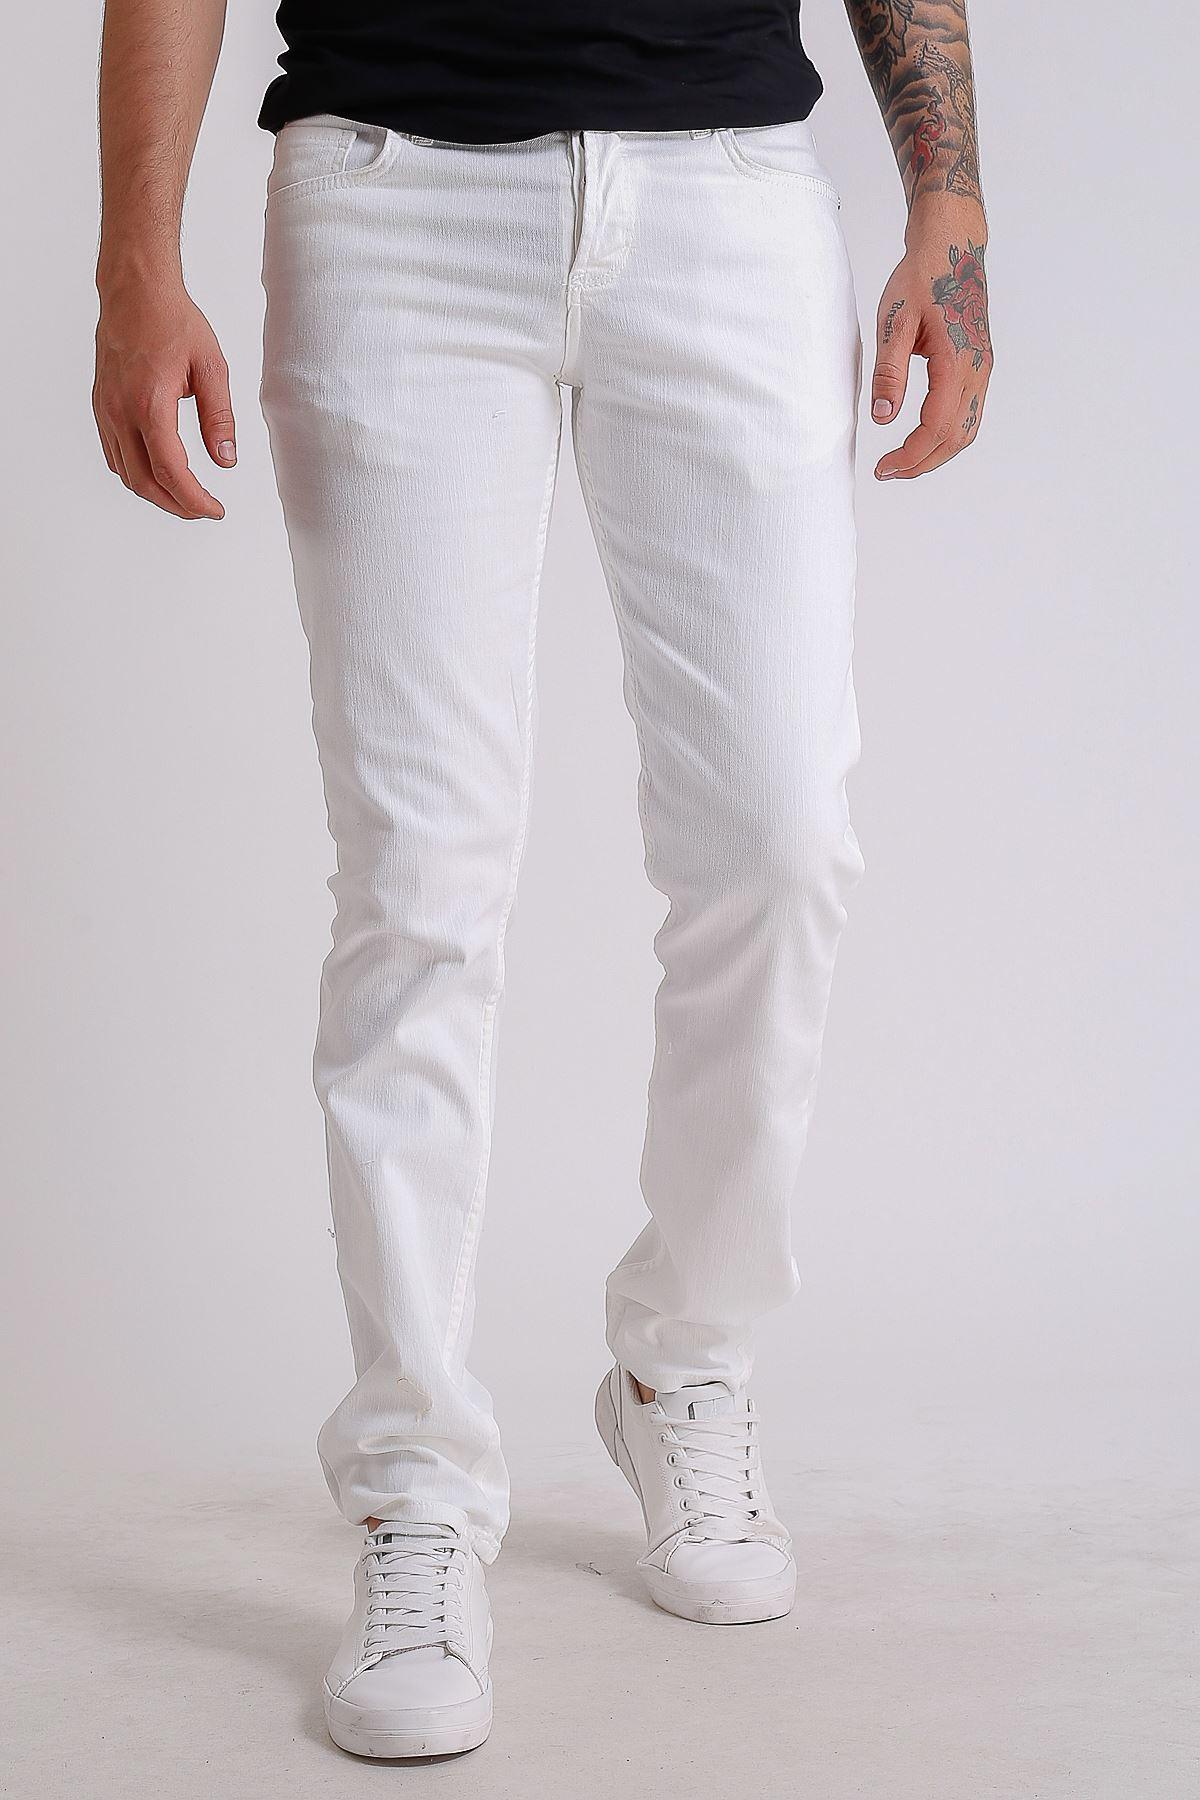 Beyaz Slimfit Erkek Kot Pantolon